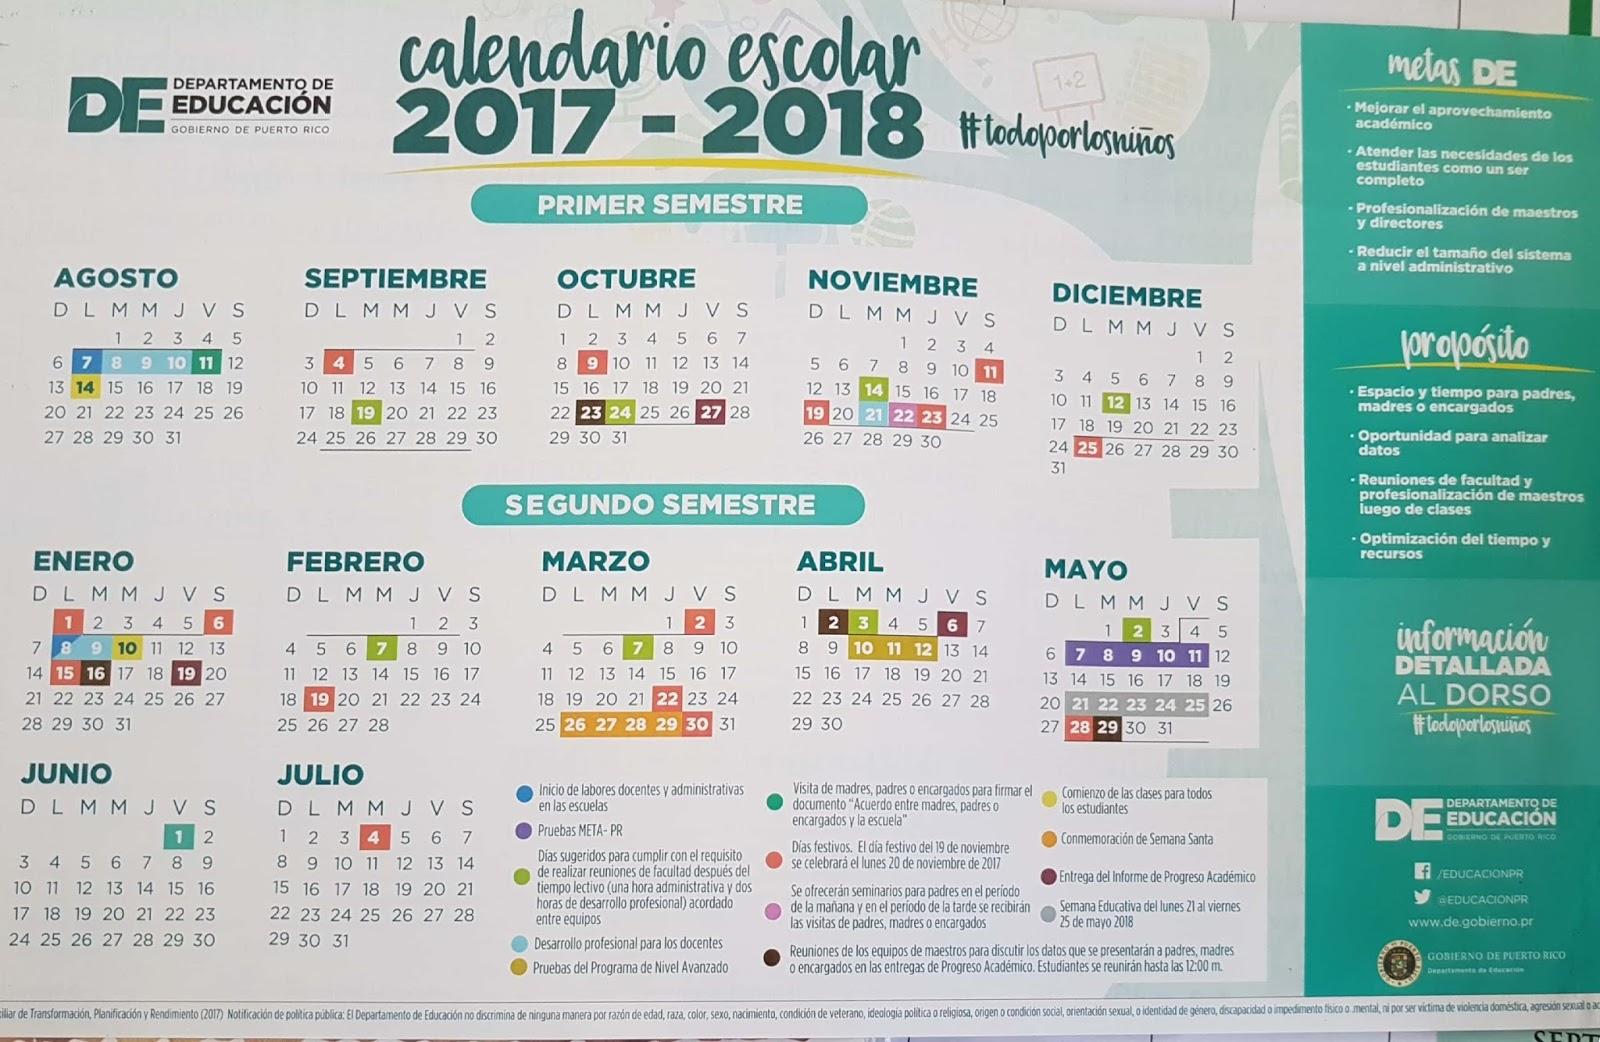 Fundación Y Desarrollo De La Sociedad Puertorriqueña Calendario